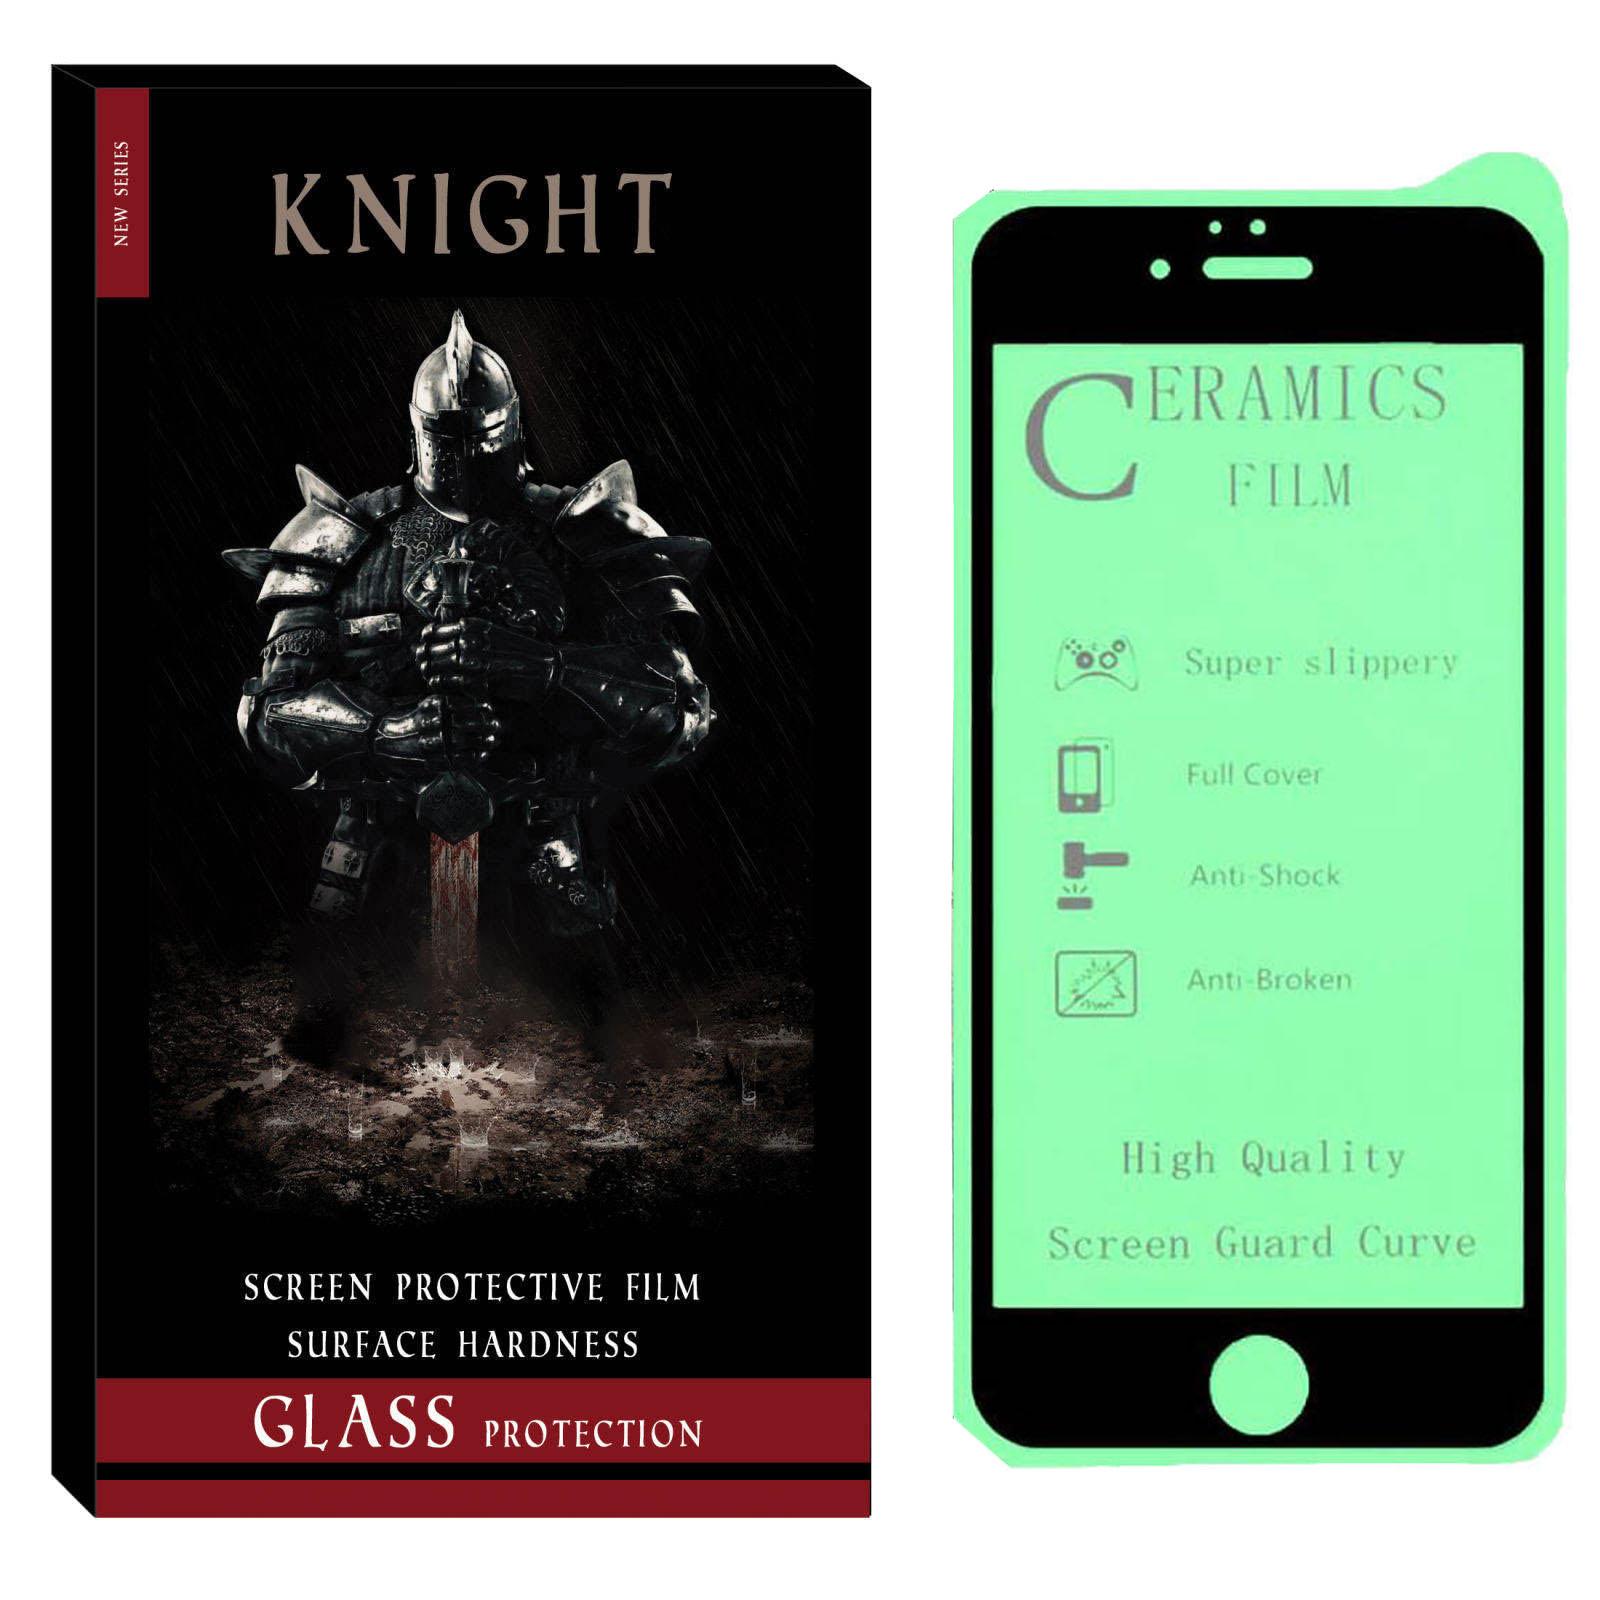 محافظ صفحه نمایش نایت مدل CER-01 مناسب برای گوشی موبایل اپل  Iphone 6plus / 6splus